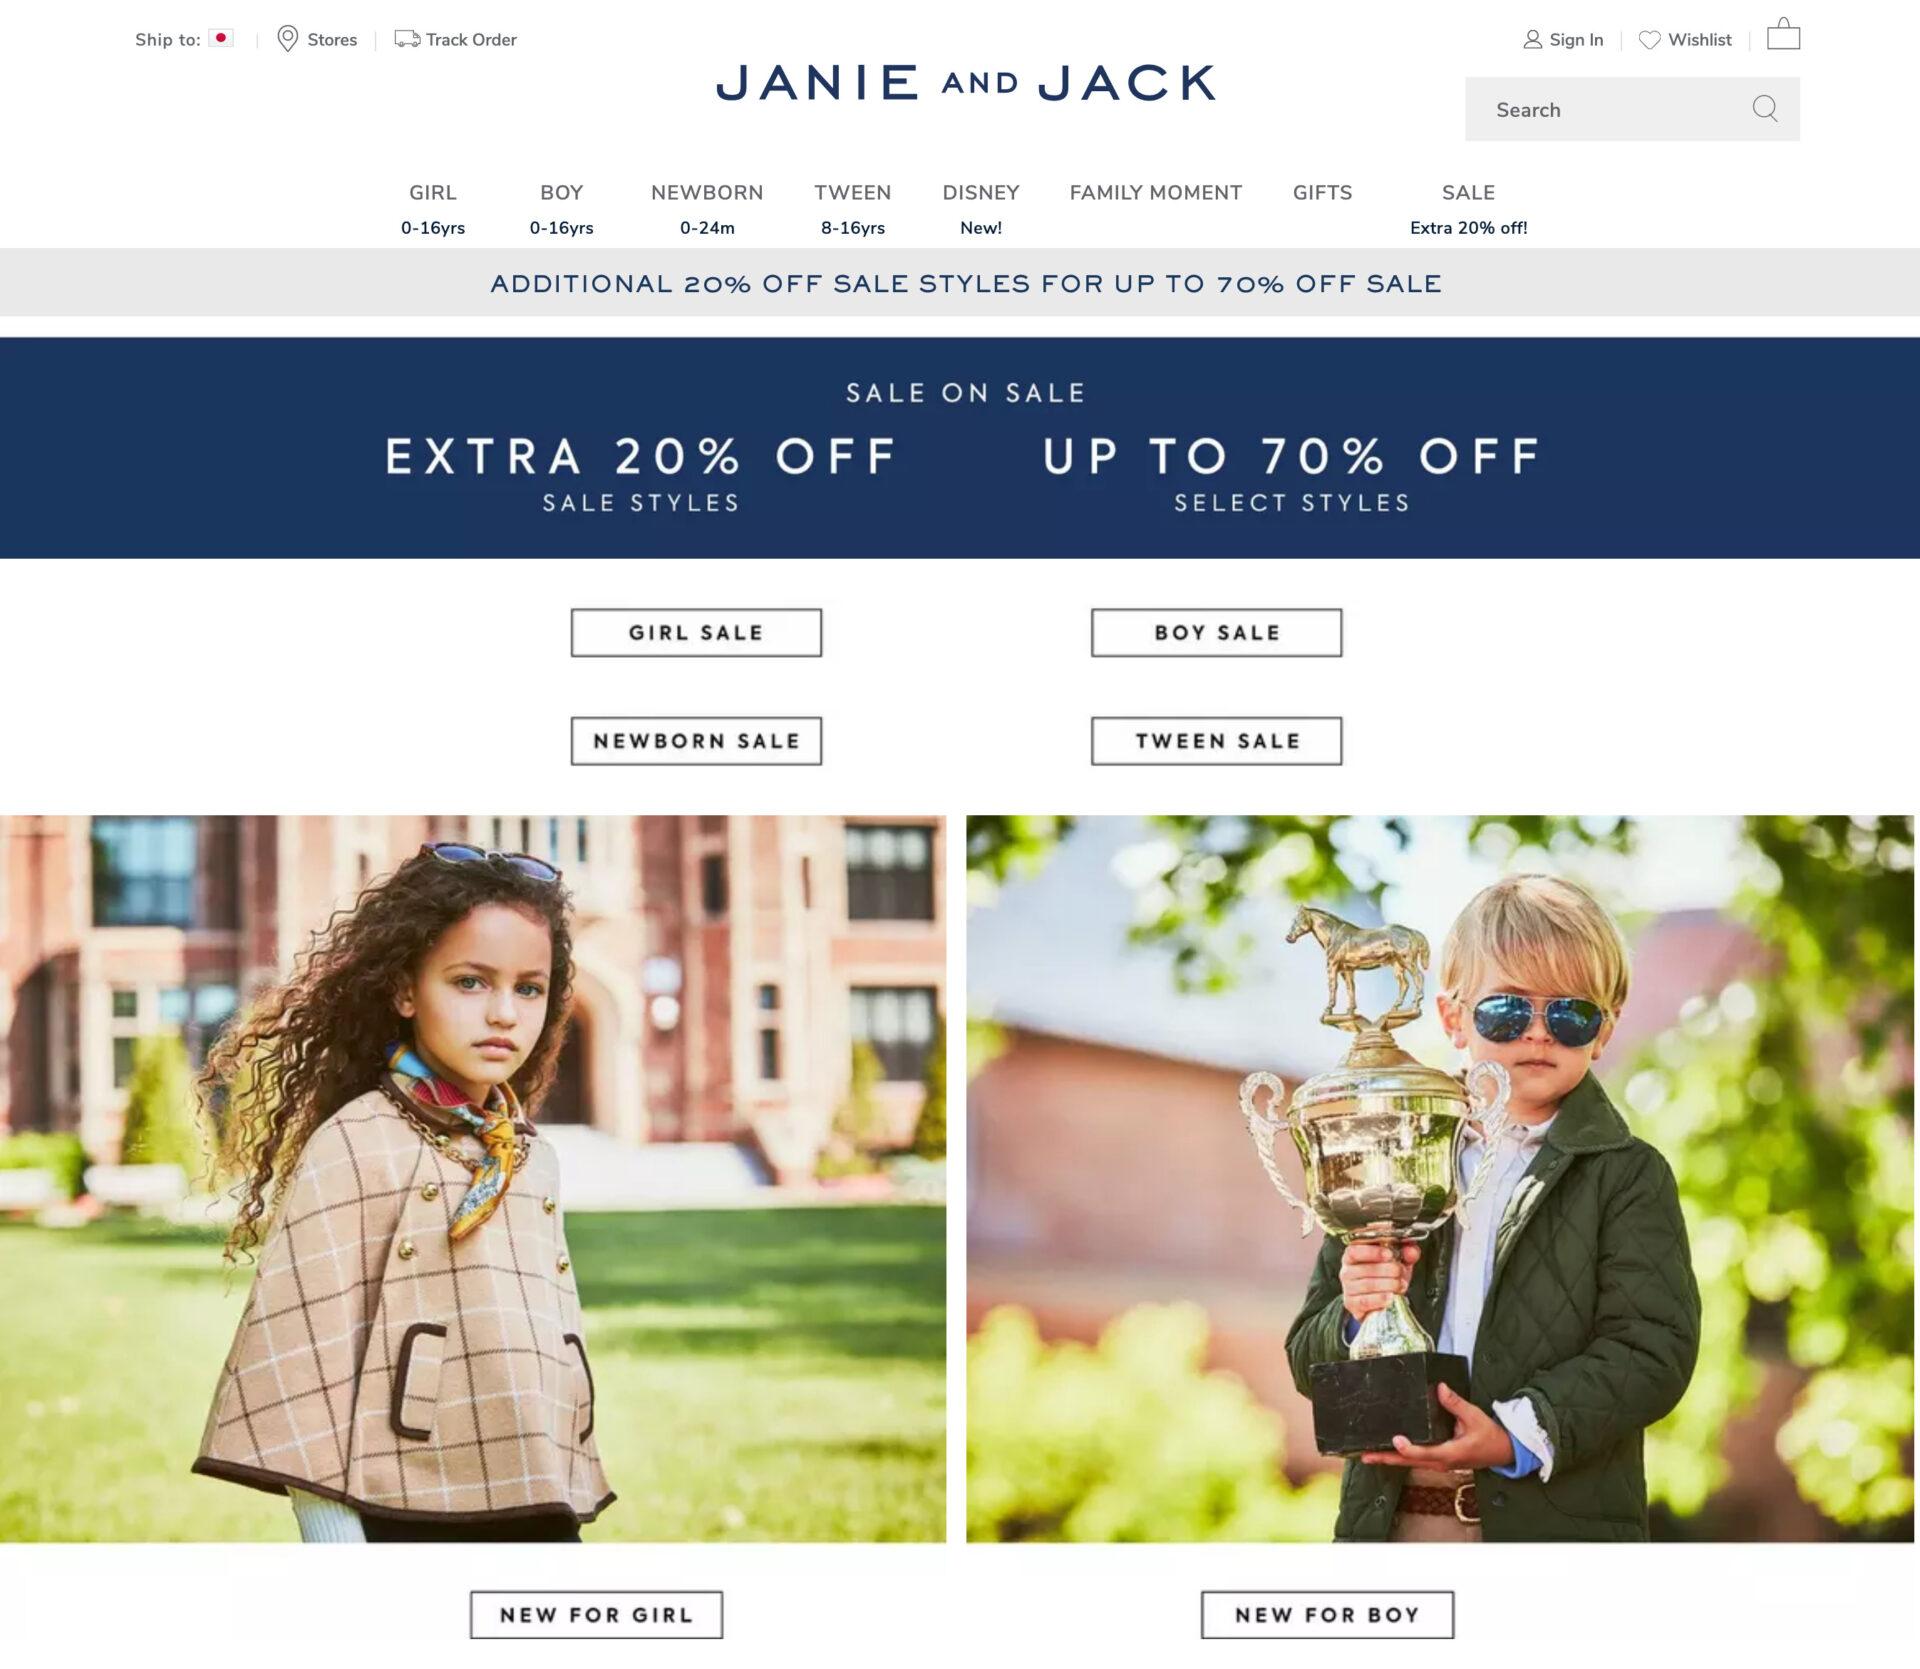 JANIE AND JACK ジャニーアンドジャックの海外通販